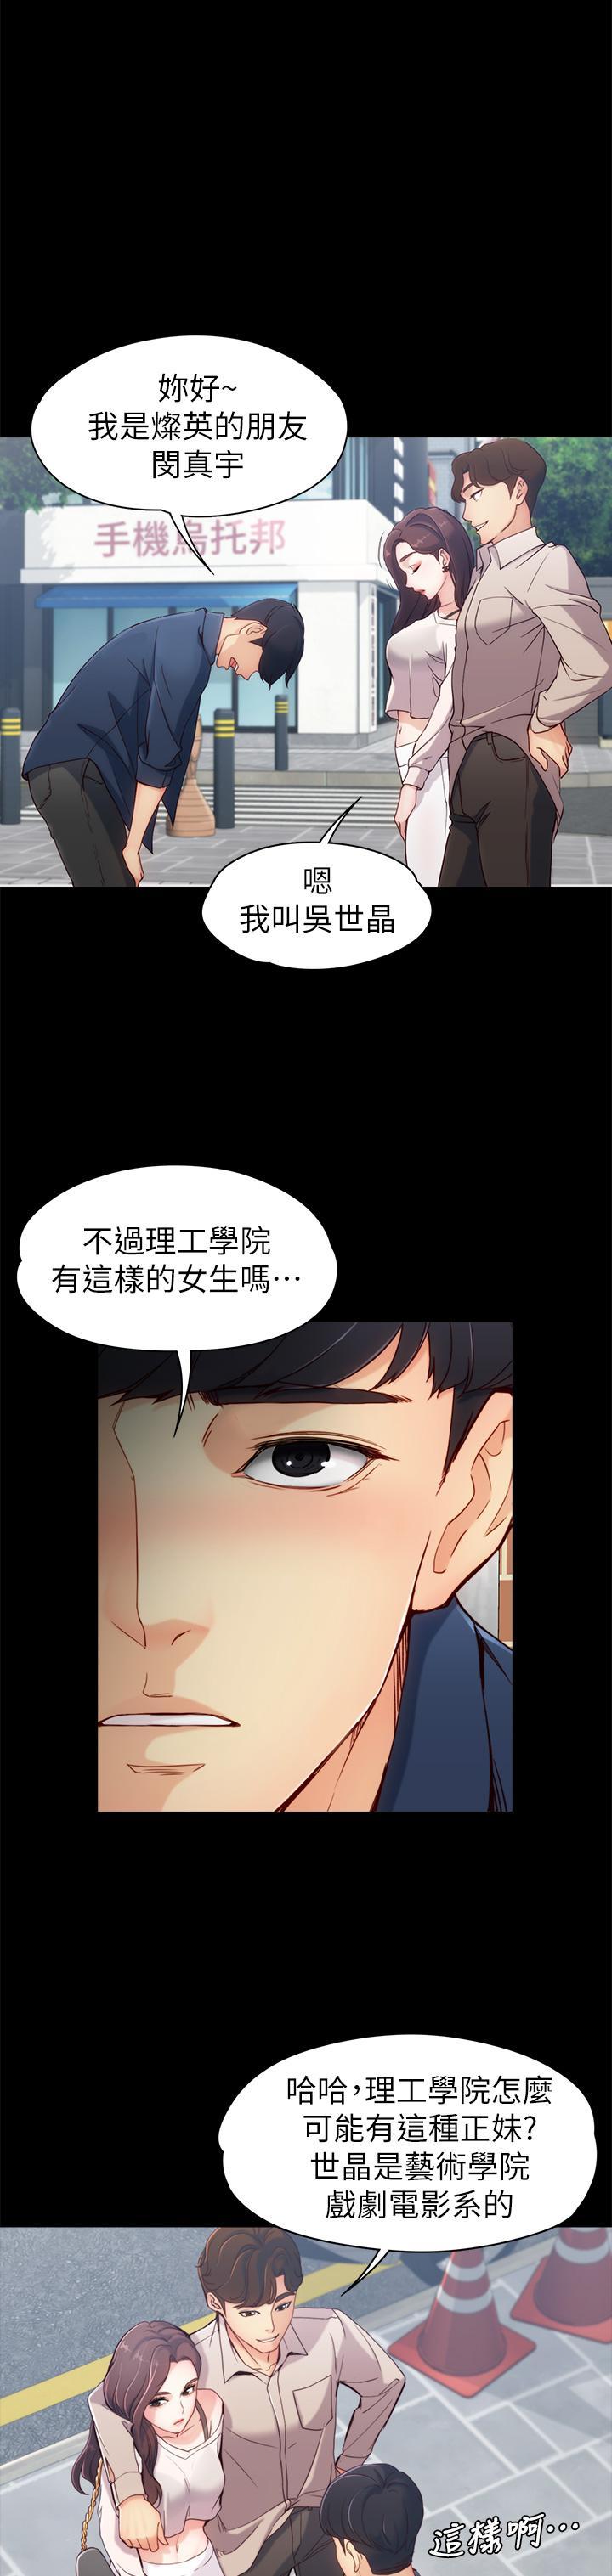 [朴敏&金Zetta]女大生世晶:无法自拔 EP.1(正體中文)高畫質版本 10